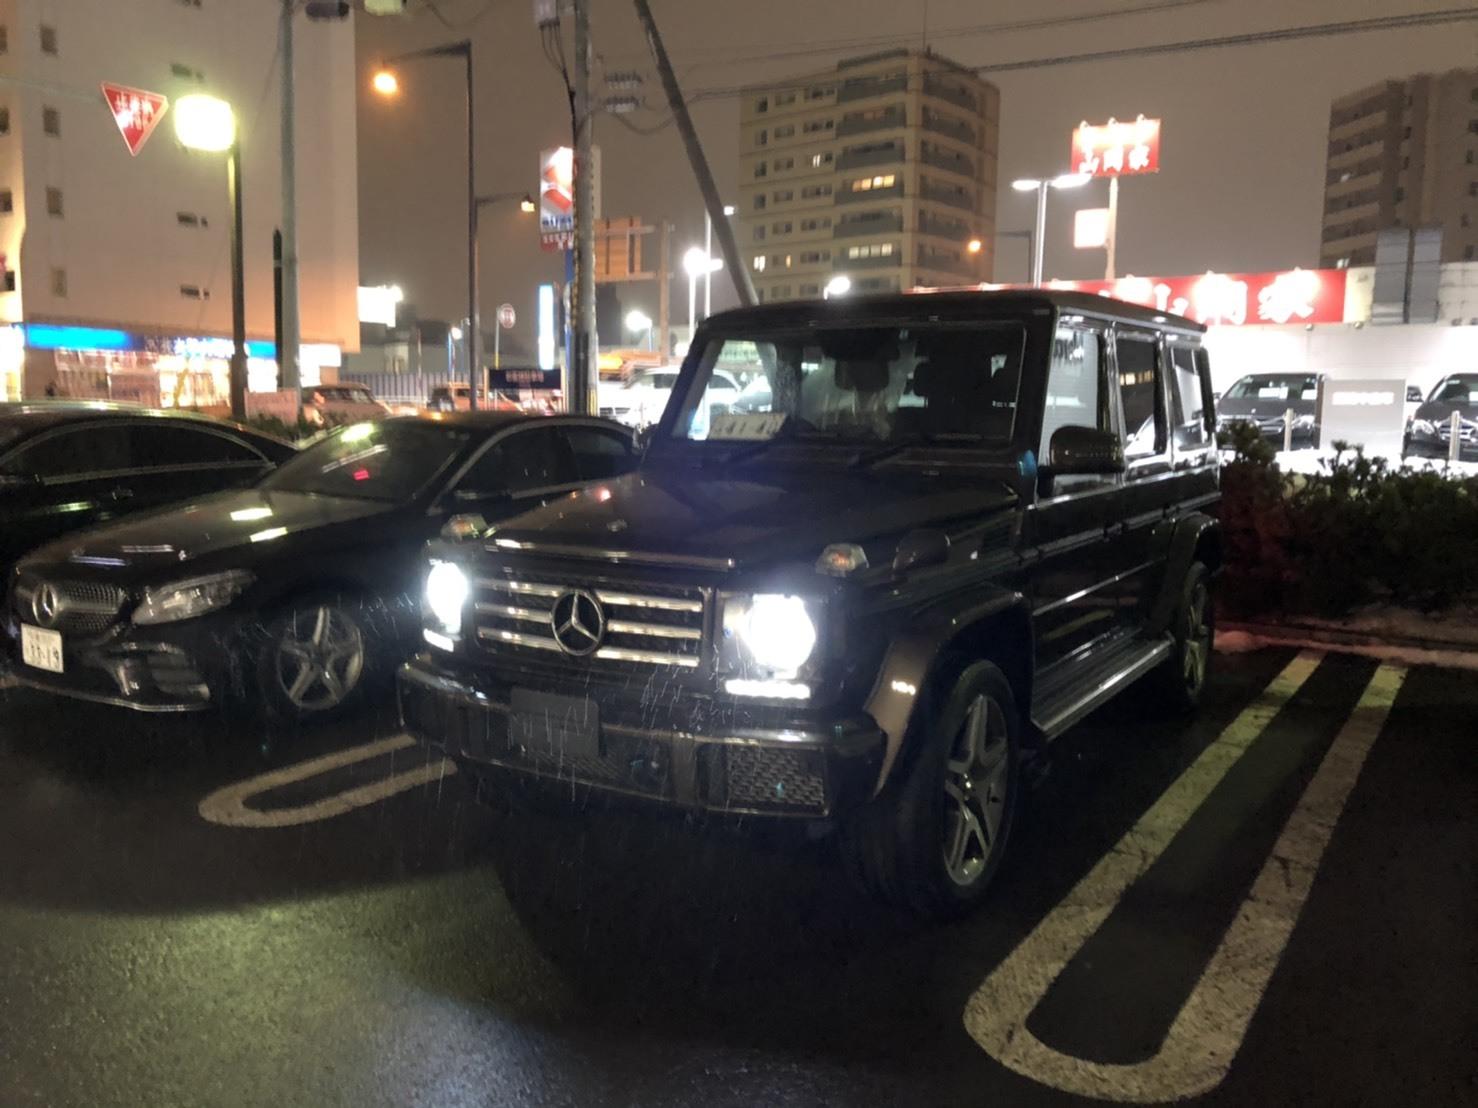 2/14(金)本店ブログ ハイエース5ドアバン3.0DT スーパーGLロング 4WD あります!! ランクル ハイエース ハマーならTOMMY_b0127002_19461435.jpg